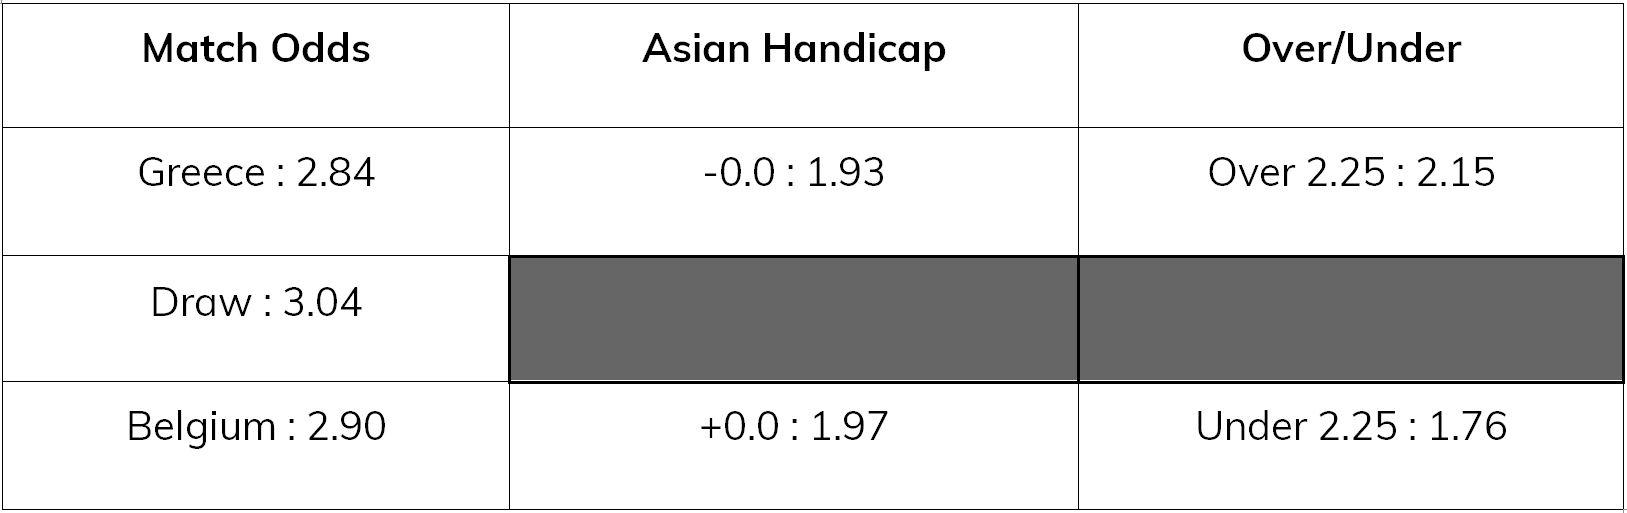 england-v-belgium-asian-handicap-eastbridge7